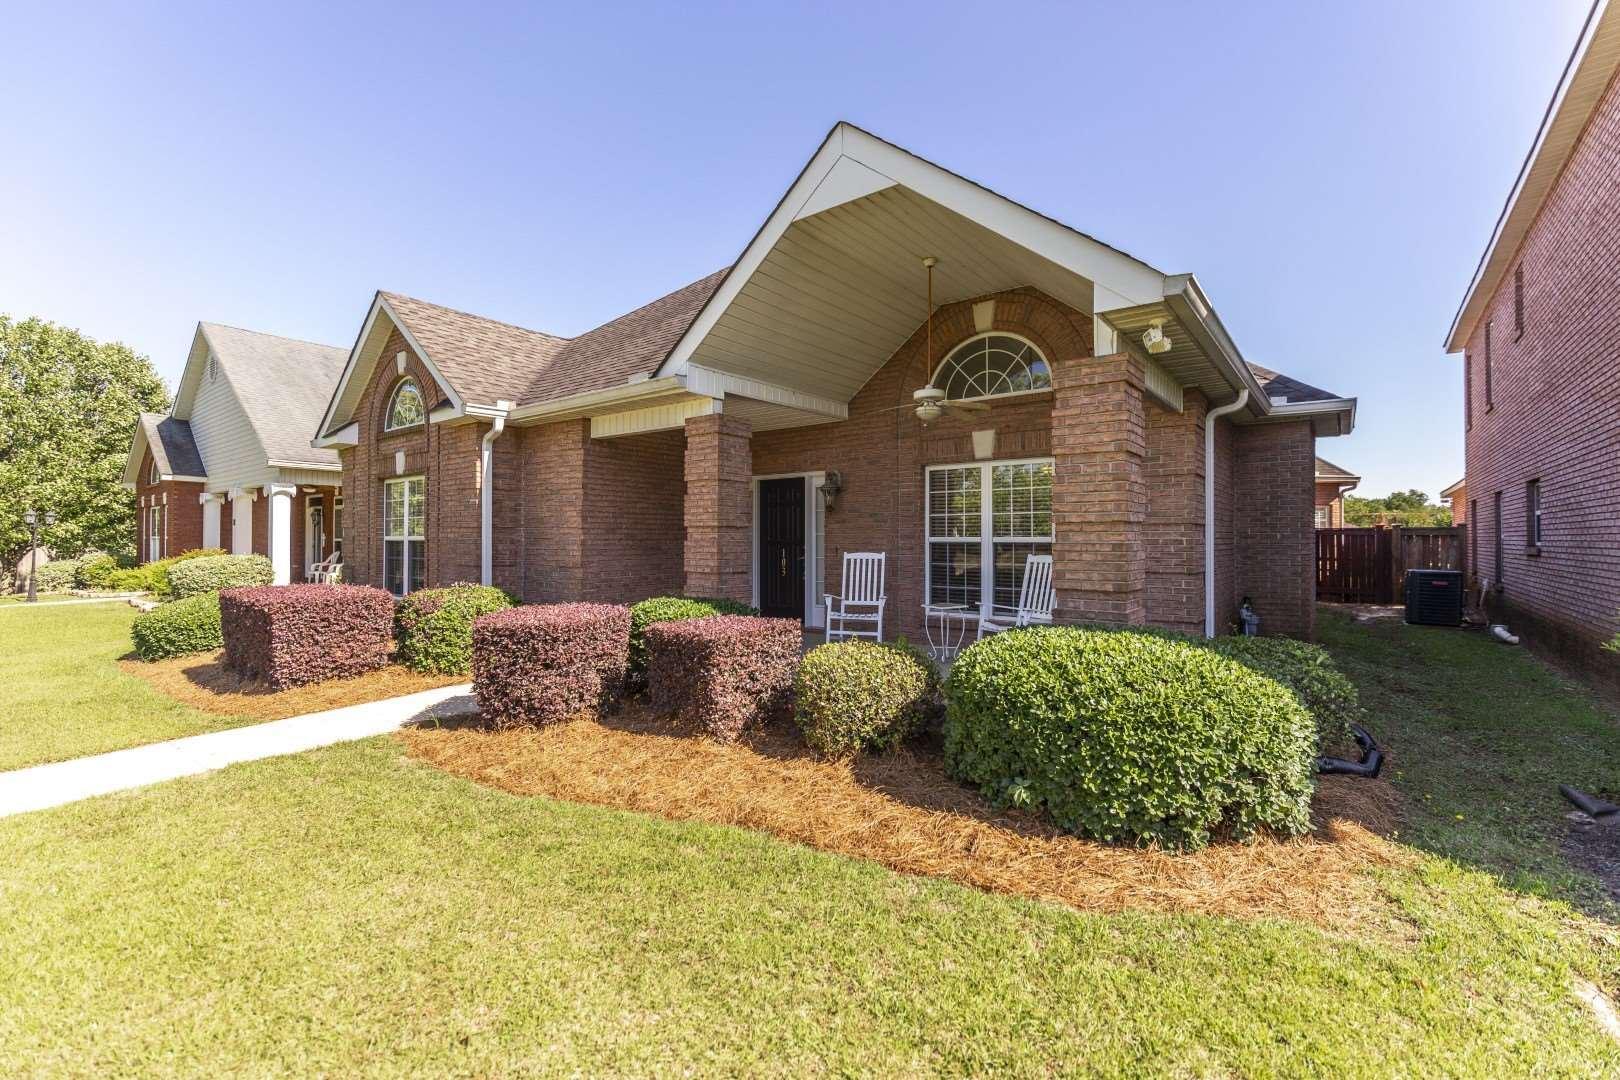 103 Jamestown Ct, Centerville, GA 31028 - MLS#: 8889903